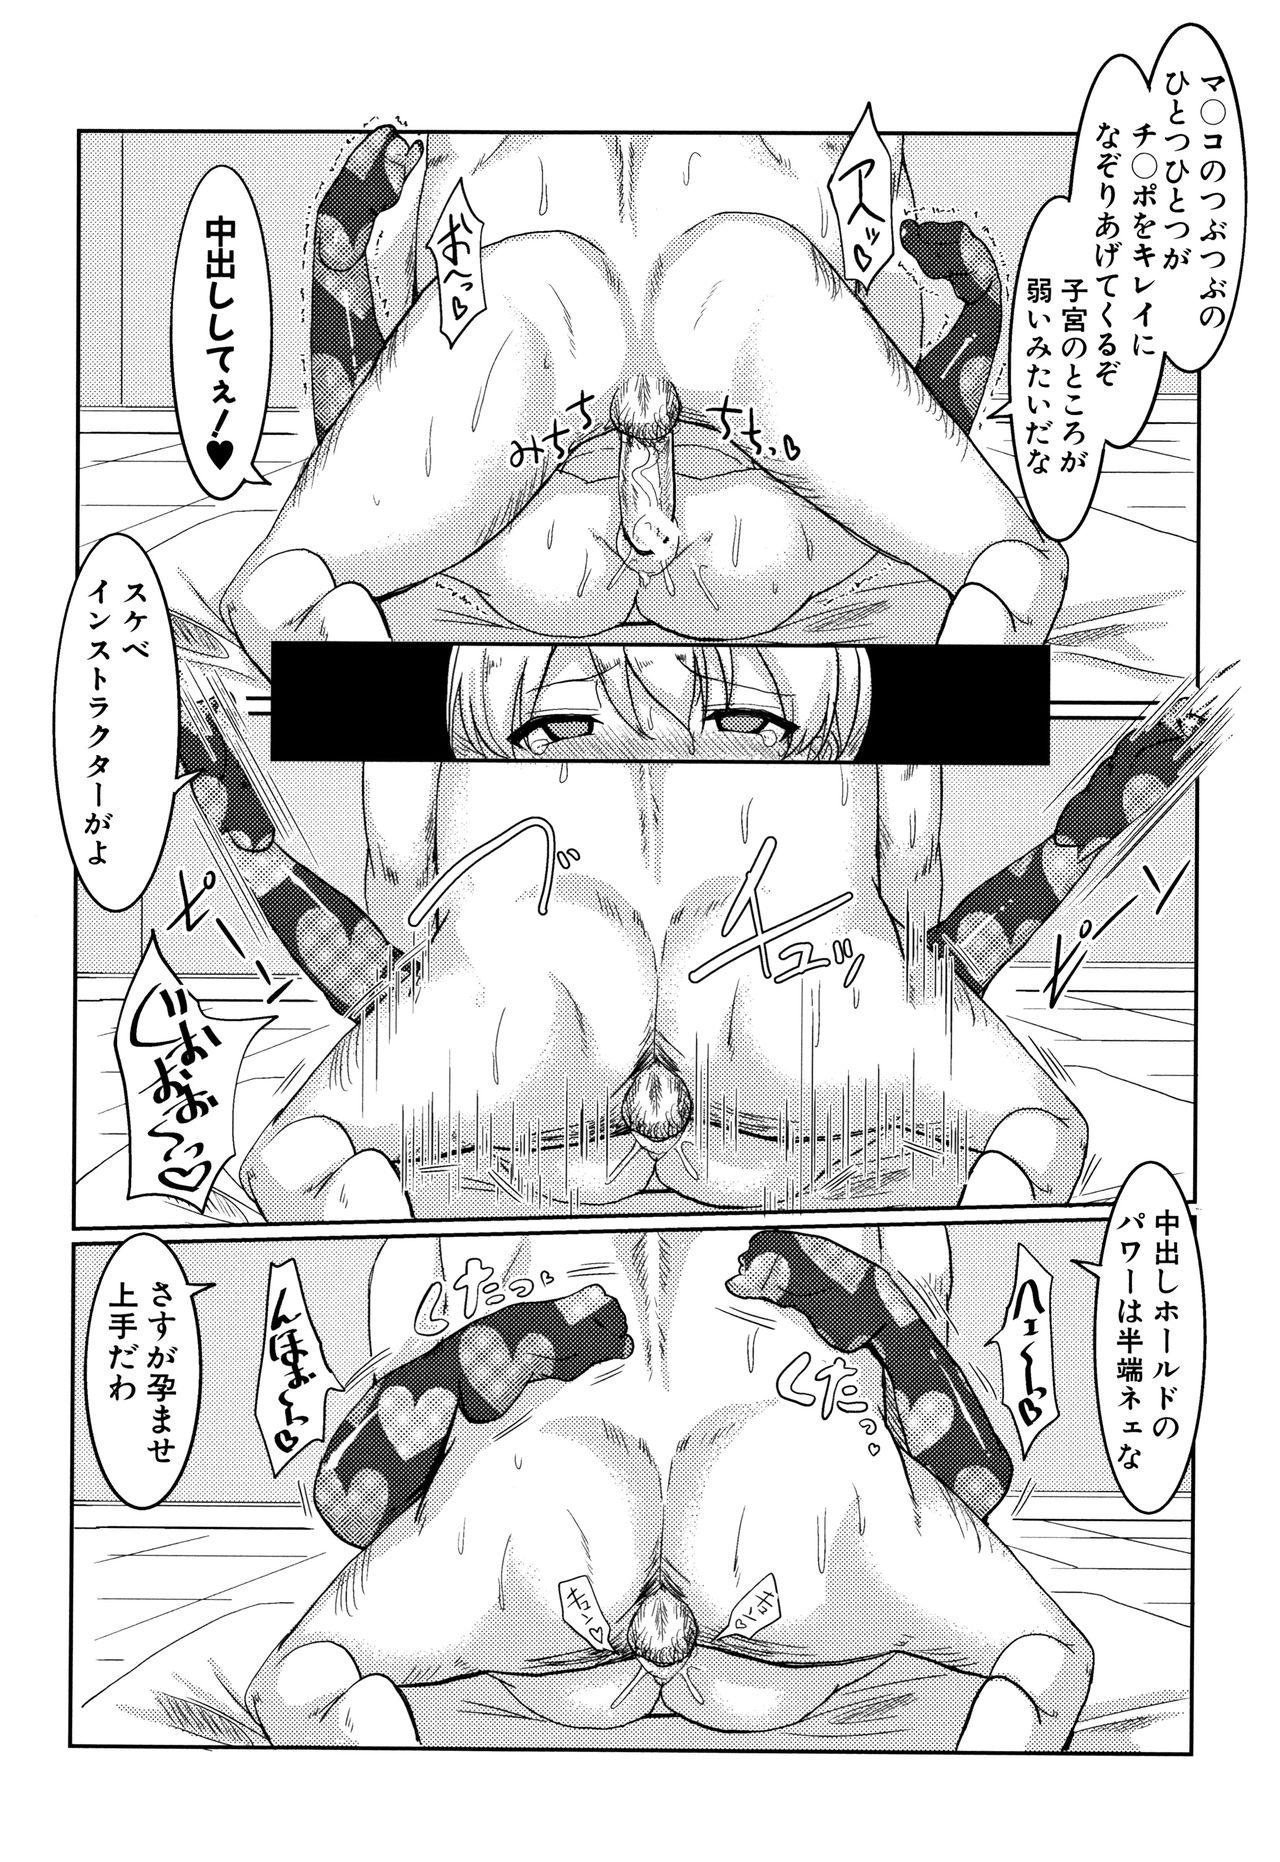 【エロ漫画】美人ジムトレーナーさん!ちゃんとダイエットできるように手取り足取りチンポも指導してくださいねww